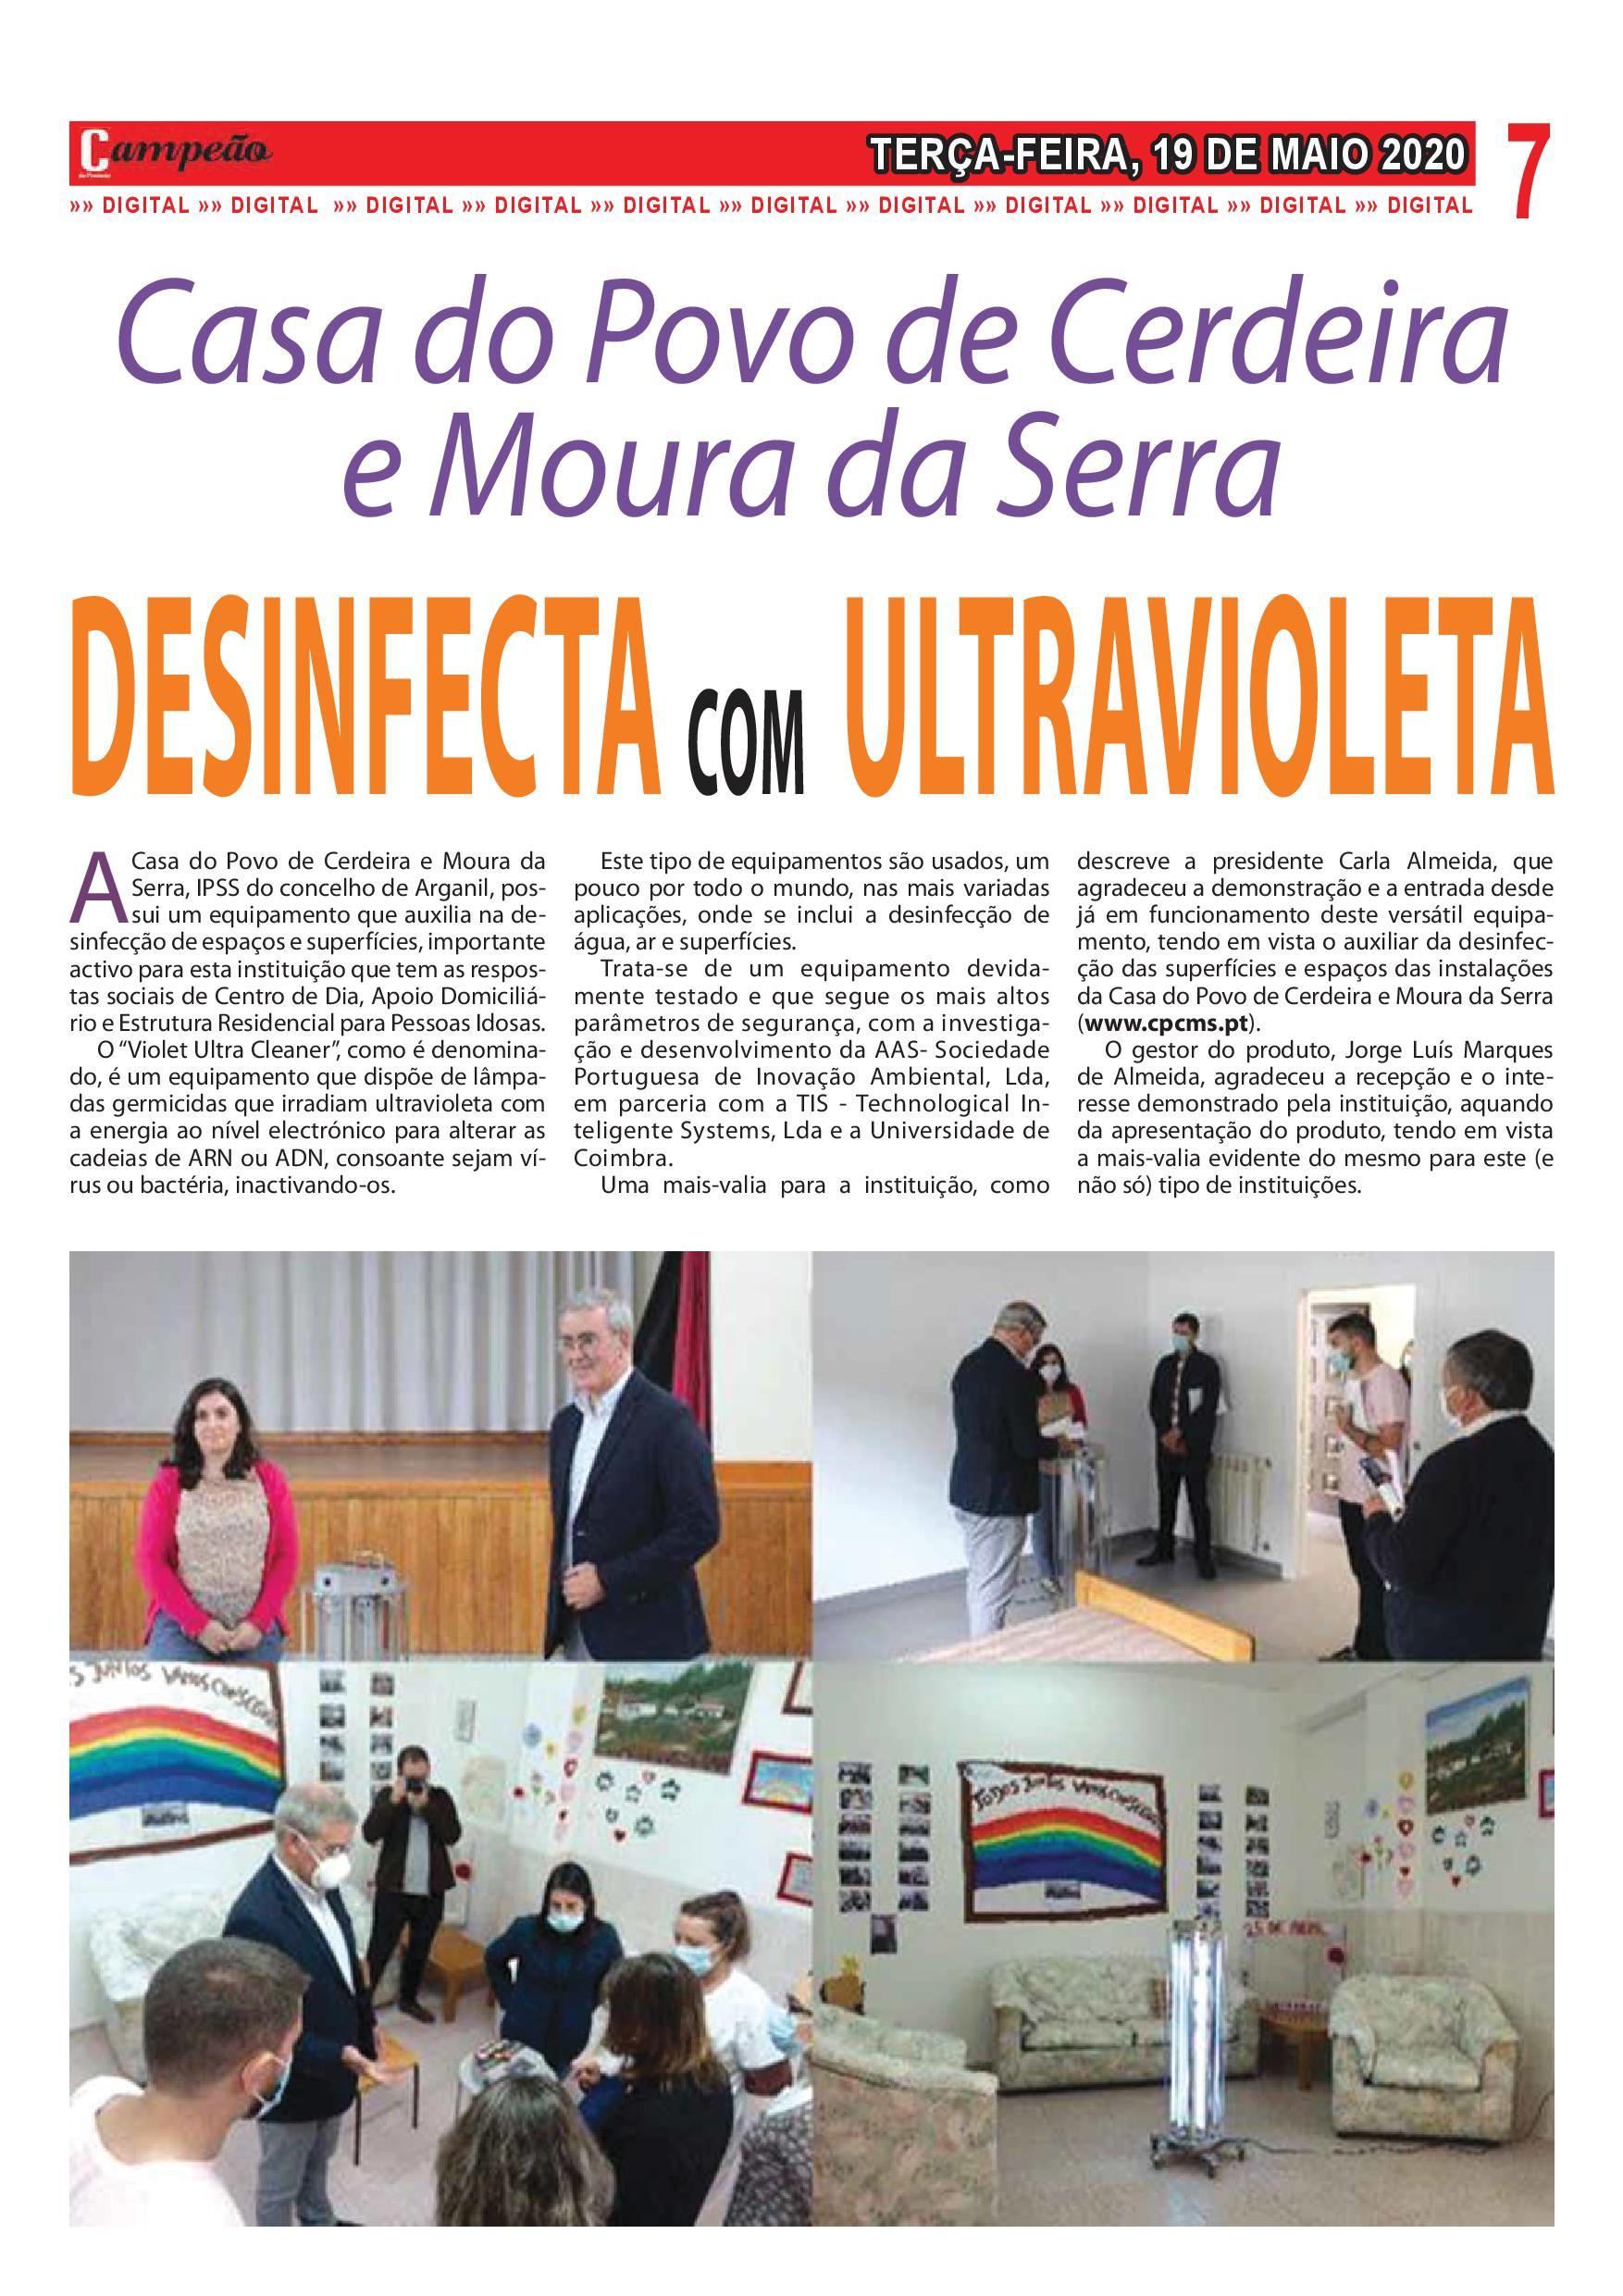 Casa do Povo de Cerdeira e Moura da Serra, I.P.S.S. foi noticia no Vespertino Campeão das Províncias